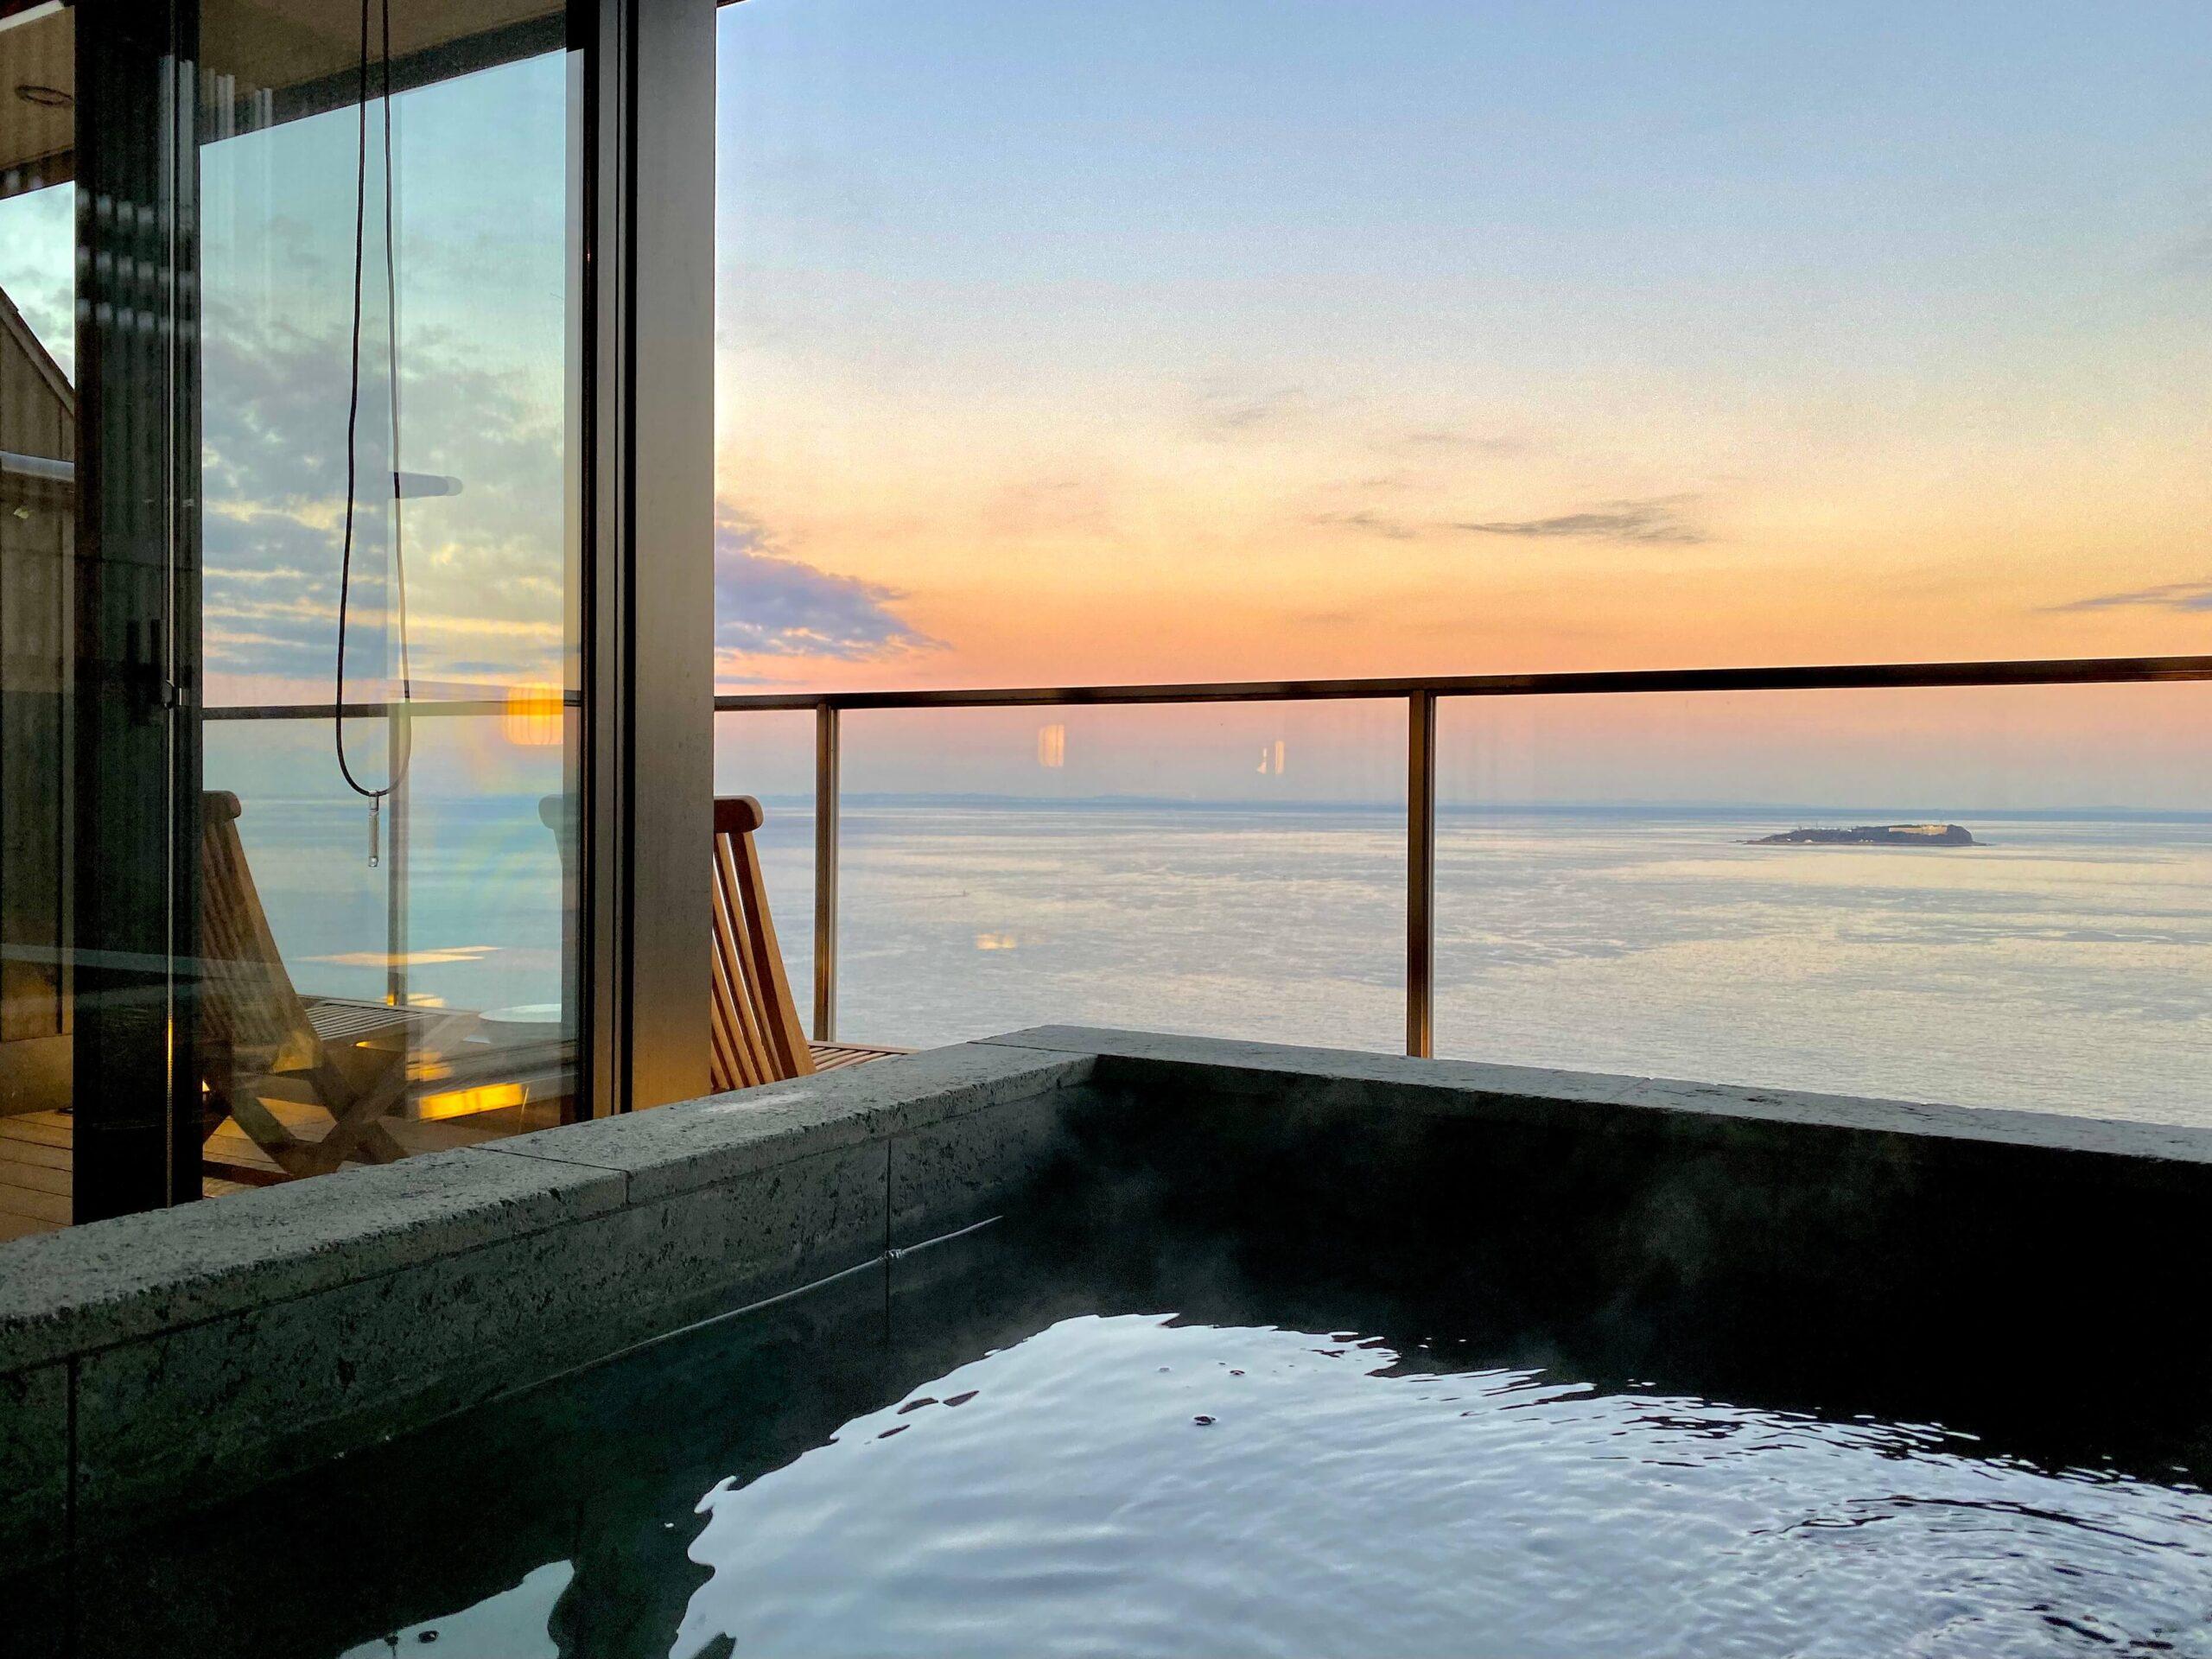 伊豆の高級旅館:熱海さんがの客室露天(慶太ブログ)